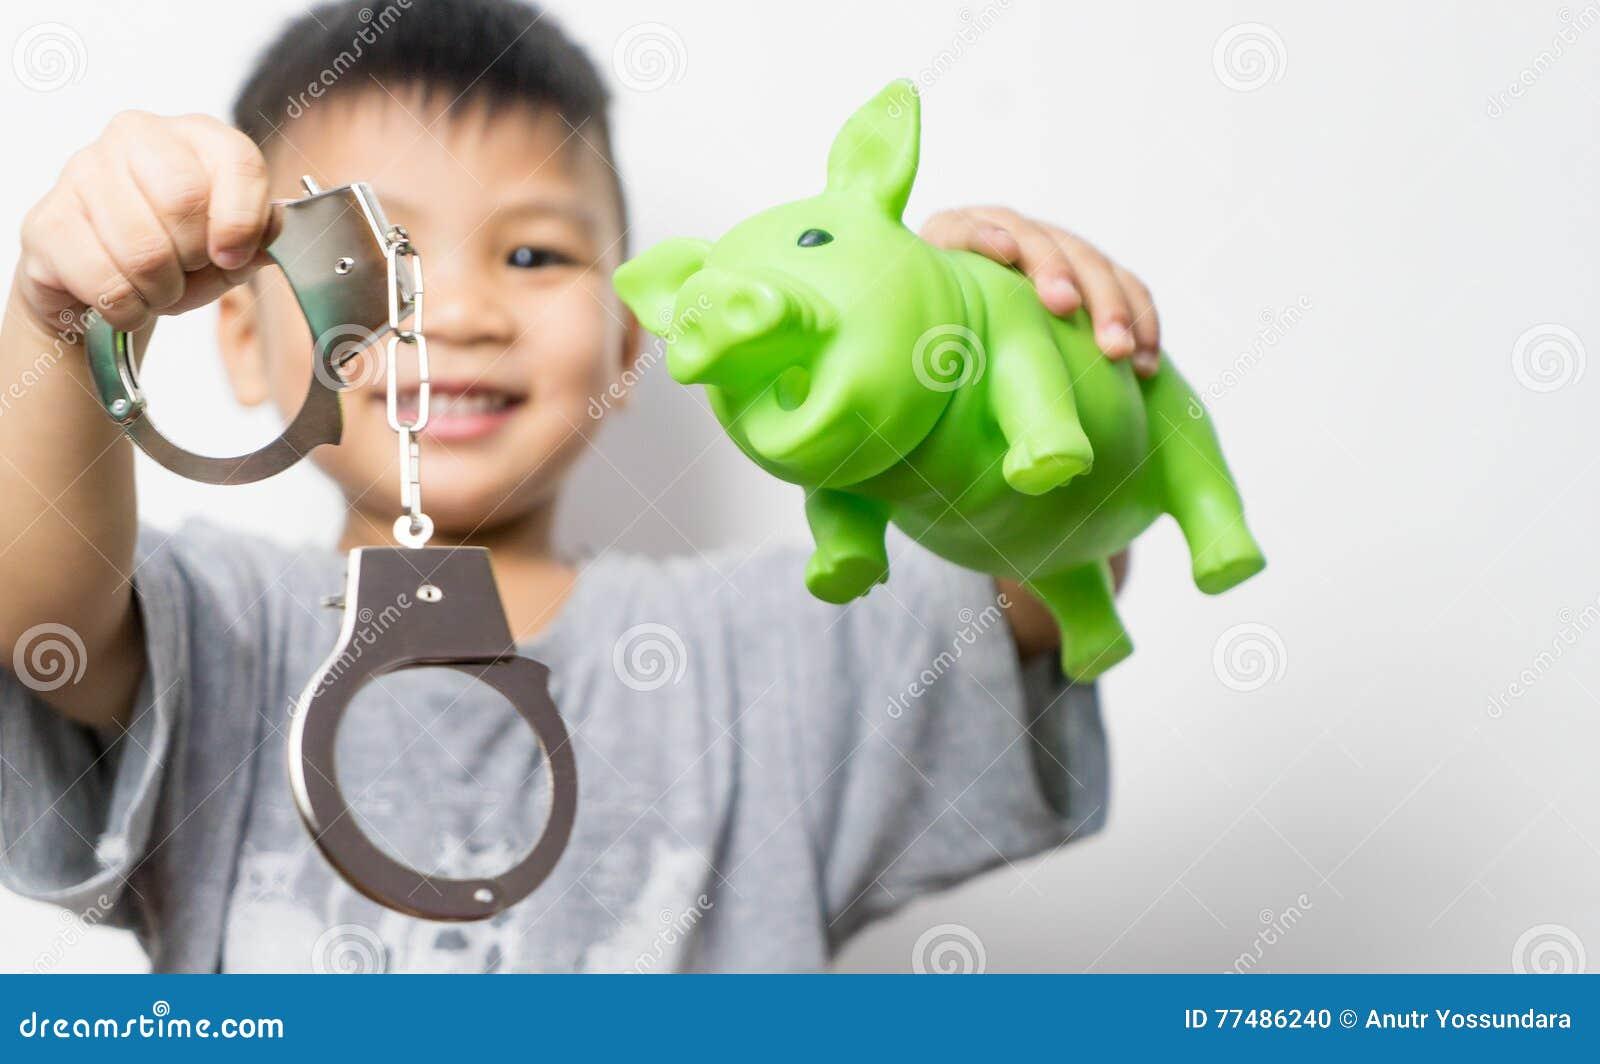 De Aziatische keus van het spaarvarken en handcuff van de jongensholding tussen goede onderwijs en misdaad